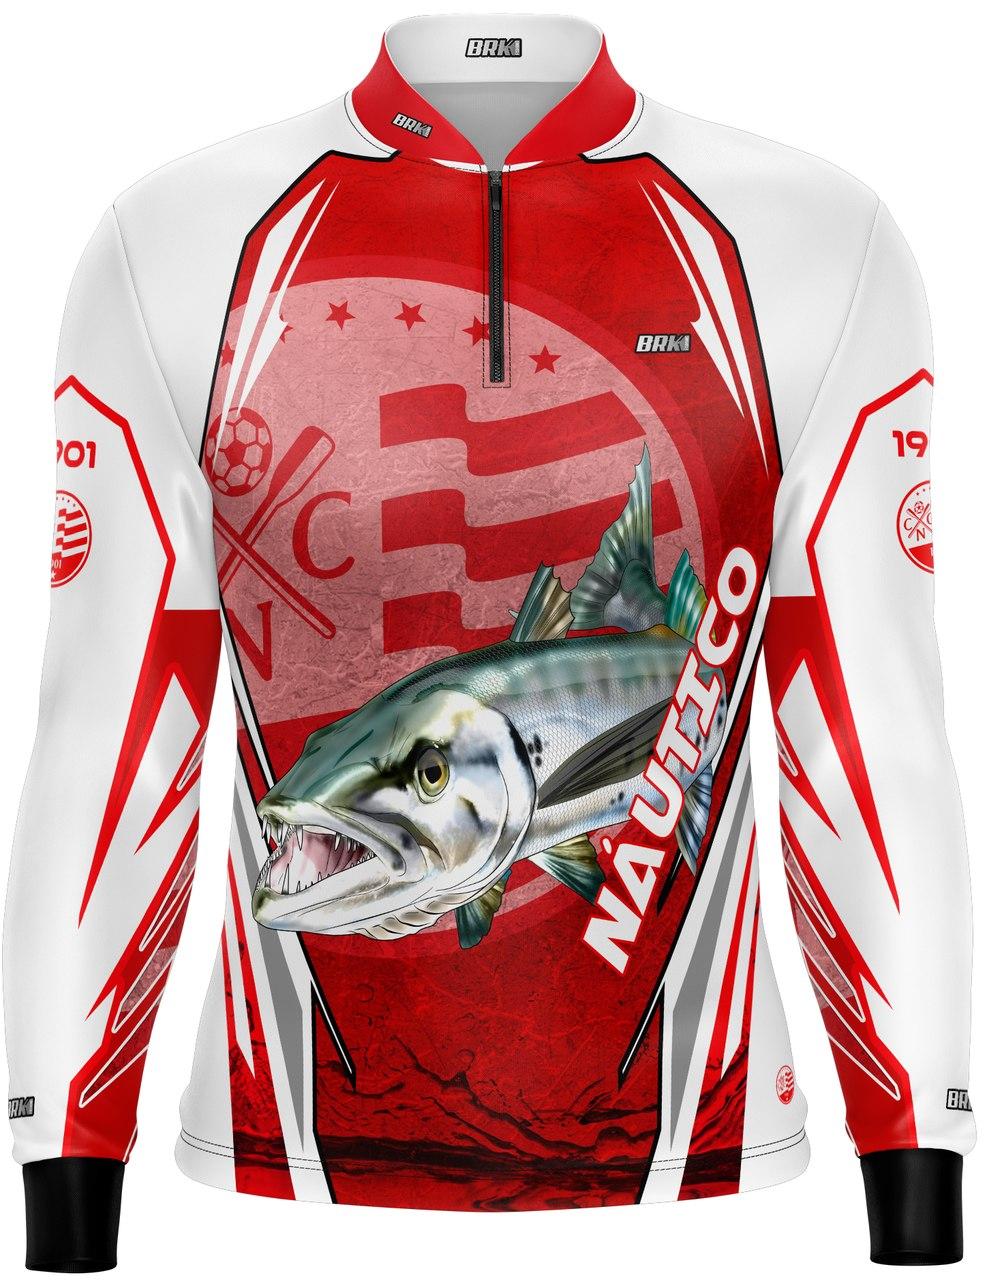 Camisa de Pesca Brk Barracuda Futebol 38 com fpu 50+